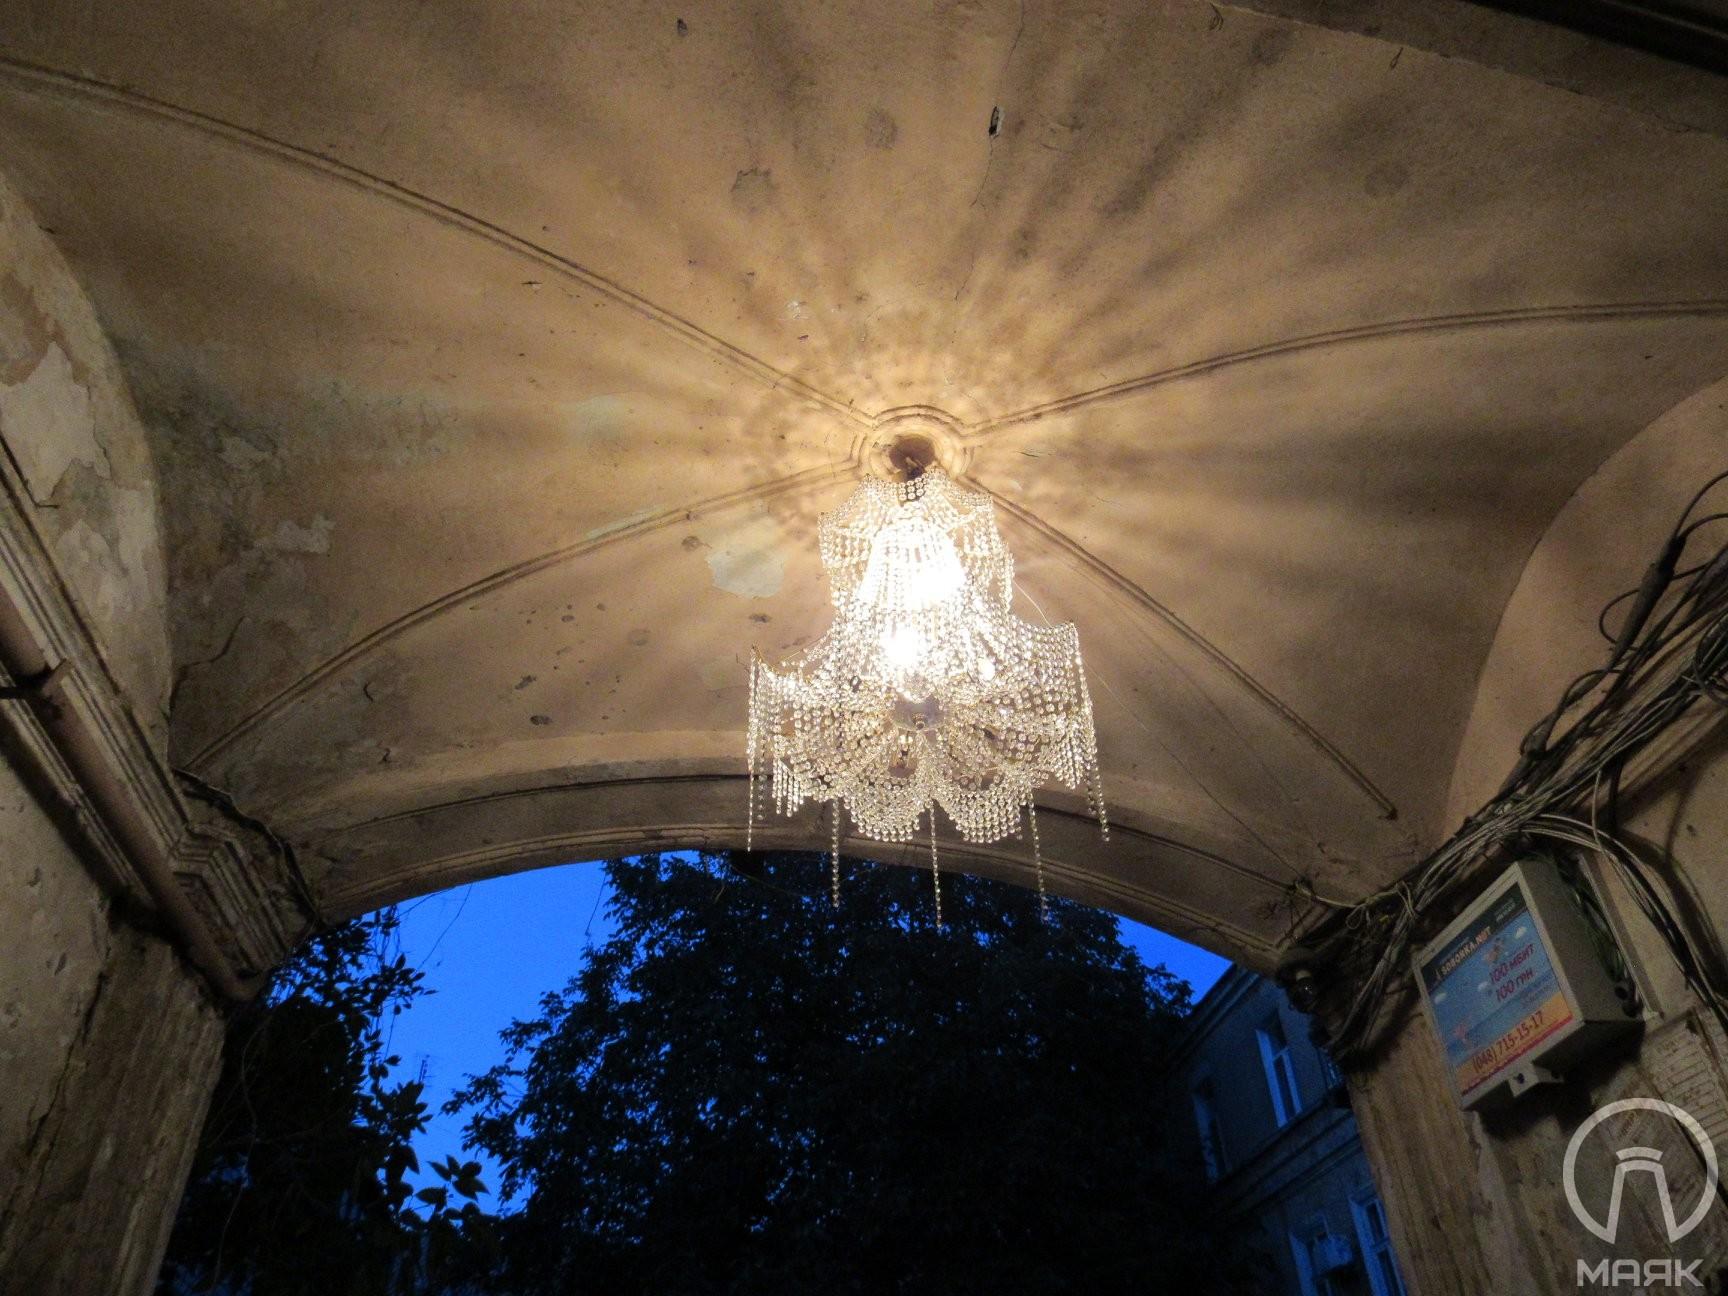 На Княжеской жители дома повесили в подворотне люстру